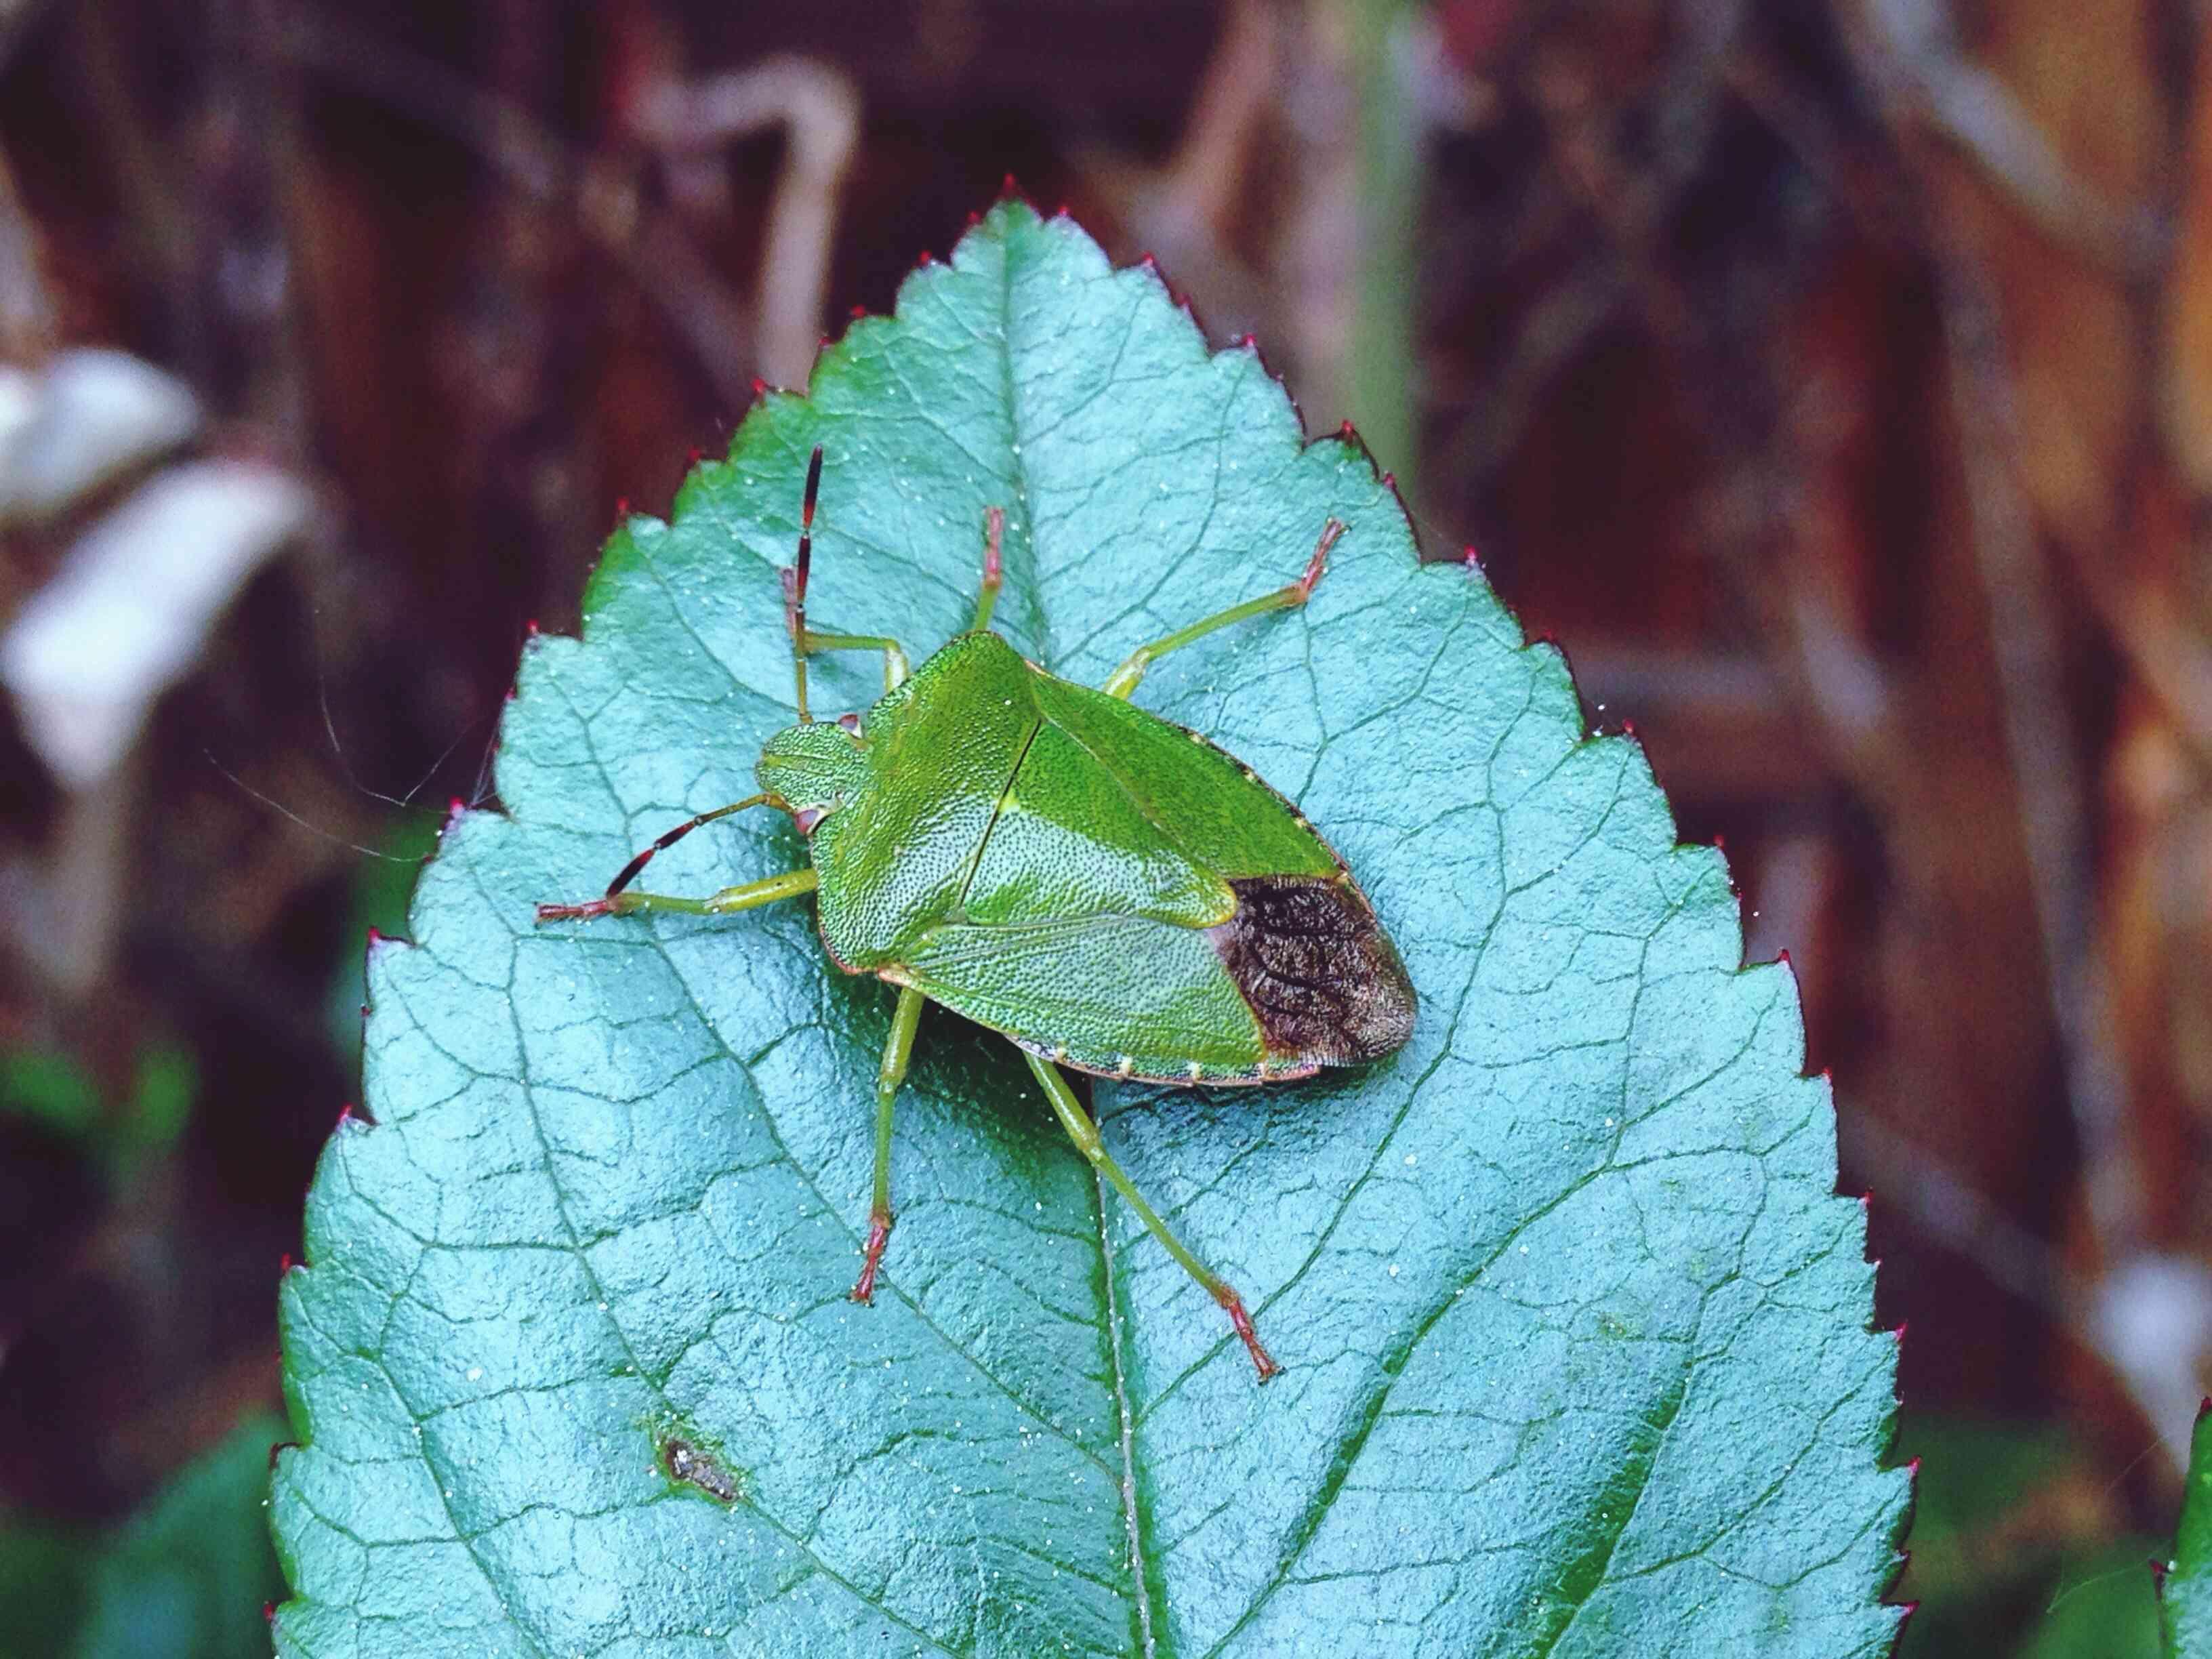 Green stink bug on a leaf